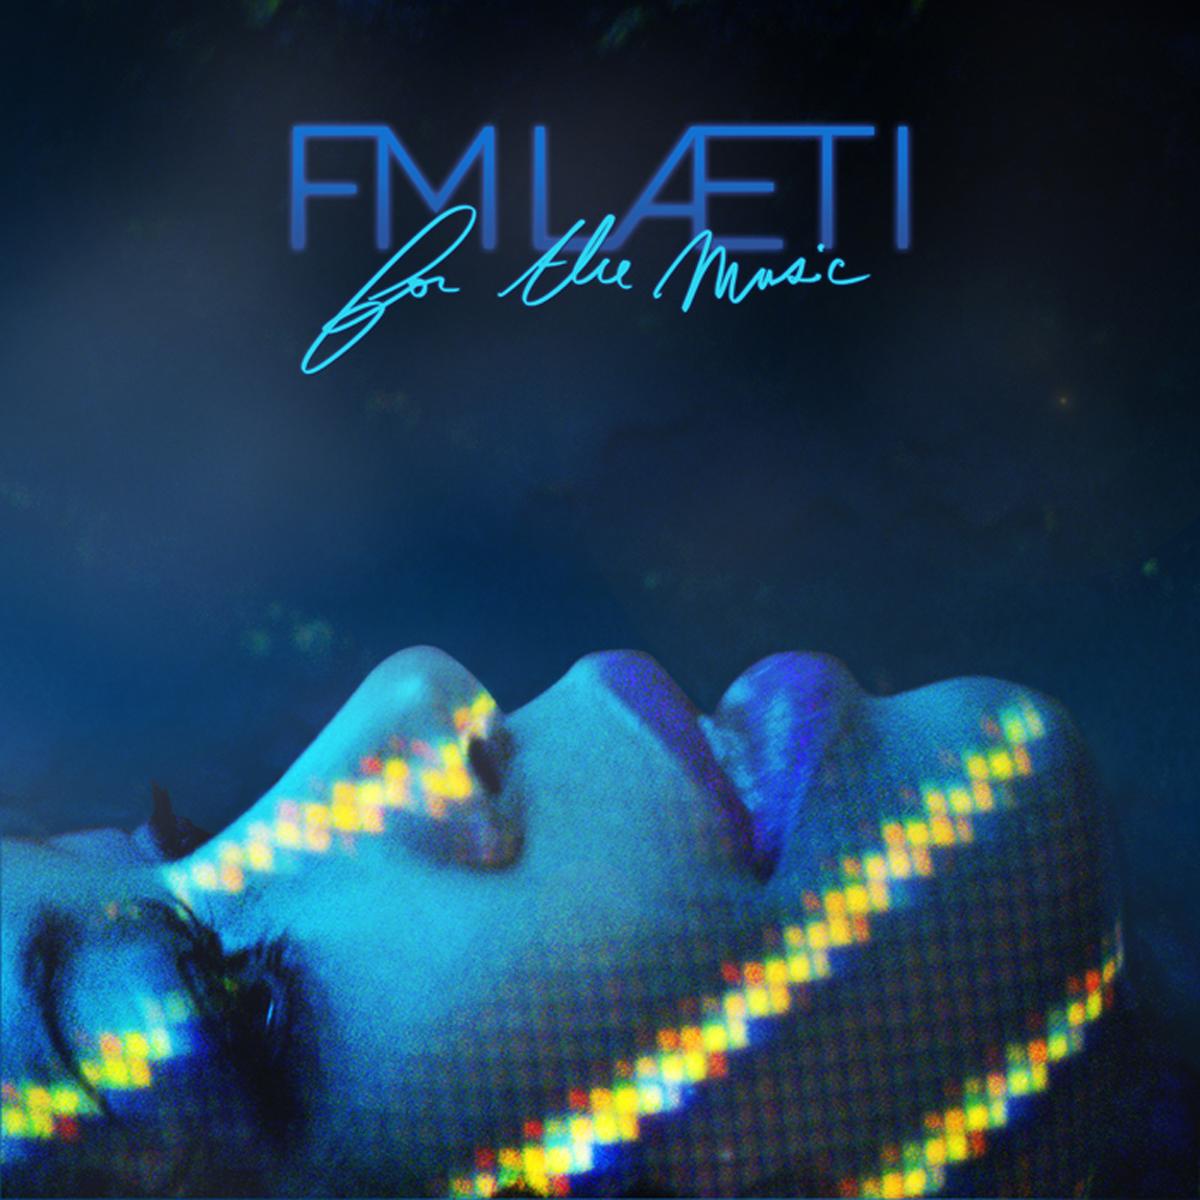 FM-LAETI For The Music nouvel album pochette pop pigalle production musique Laetitia Bourgeois François-Marie